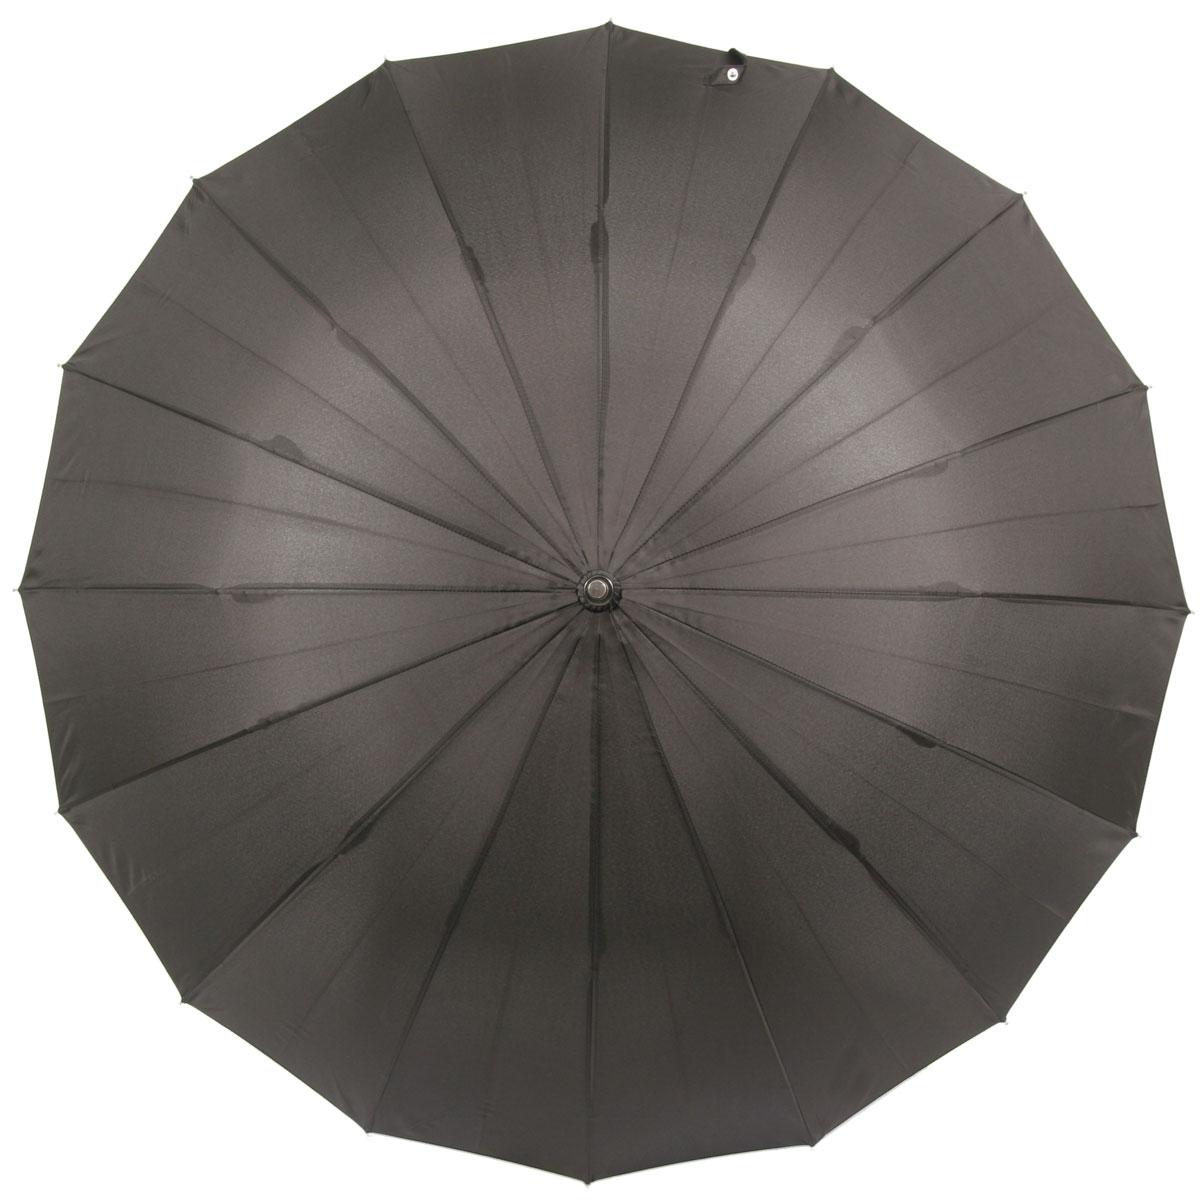 暁(akatsuki) 16本骨傘 軽量アルミシャフト仕様 ウッドハンドル チャコール (スミ黒) リングタッセル付 a06773 <34135>